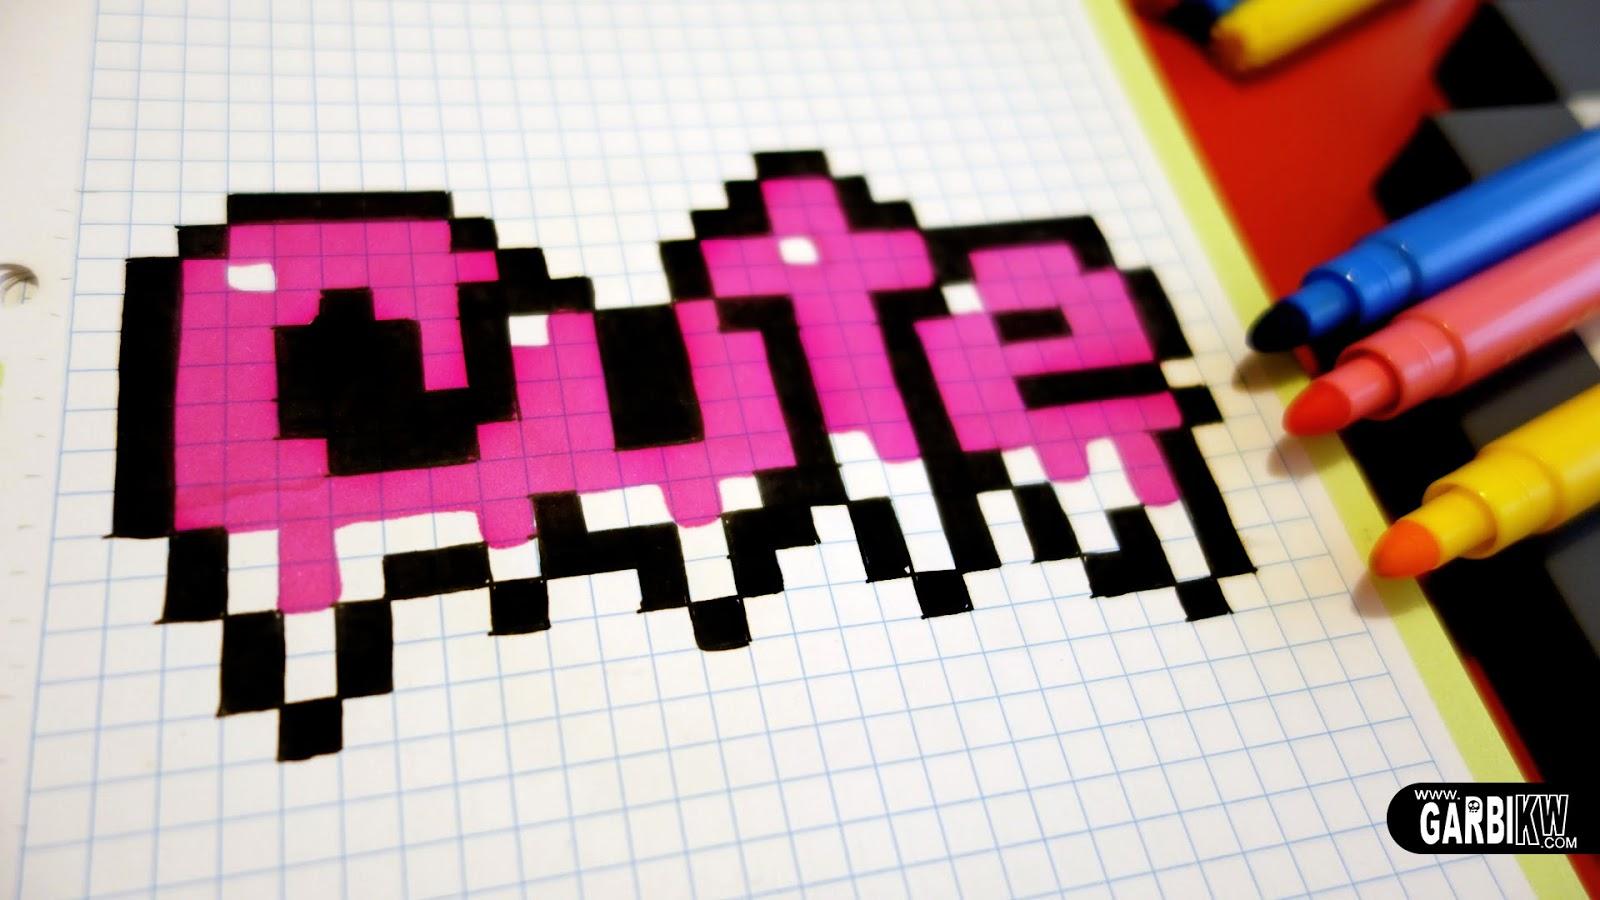 Très Handmade Pixel Art - How To Draw Cute Graffiti #pixelart | Hello  KR94